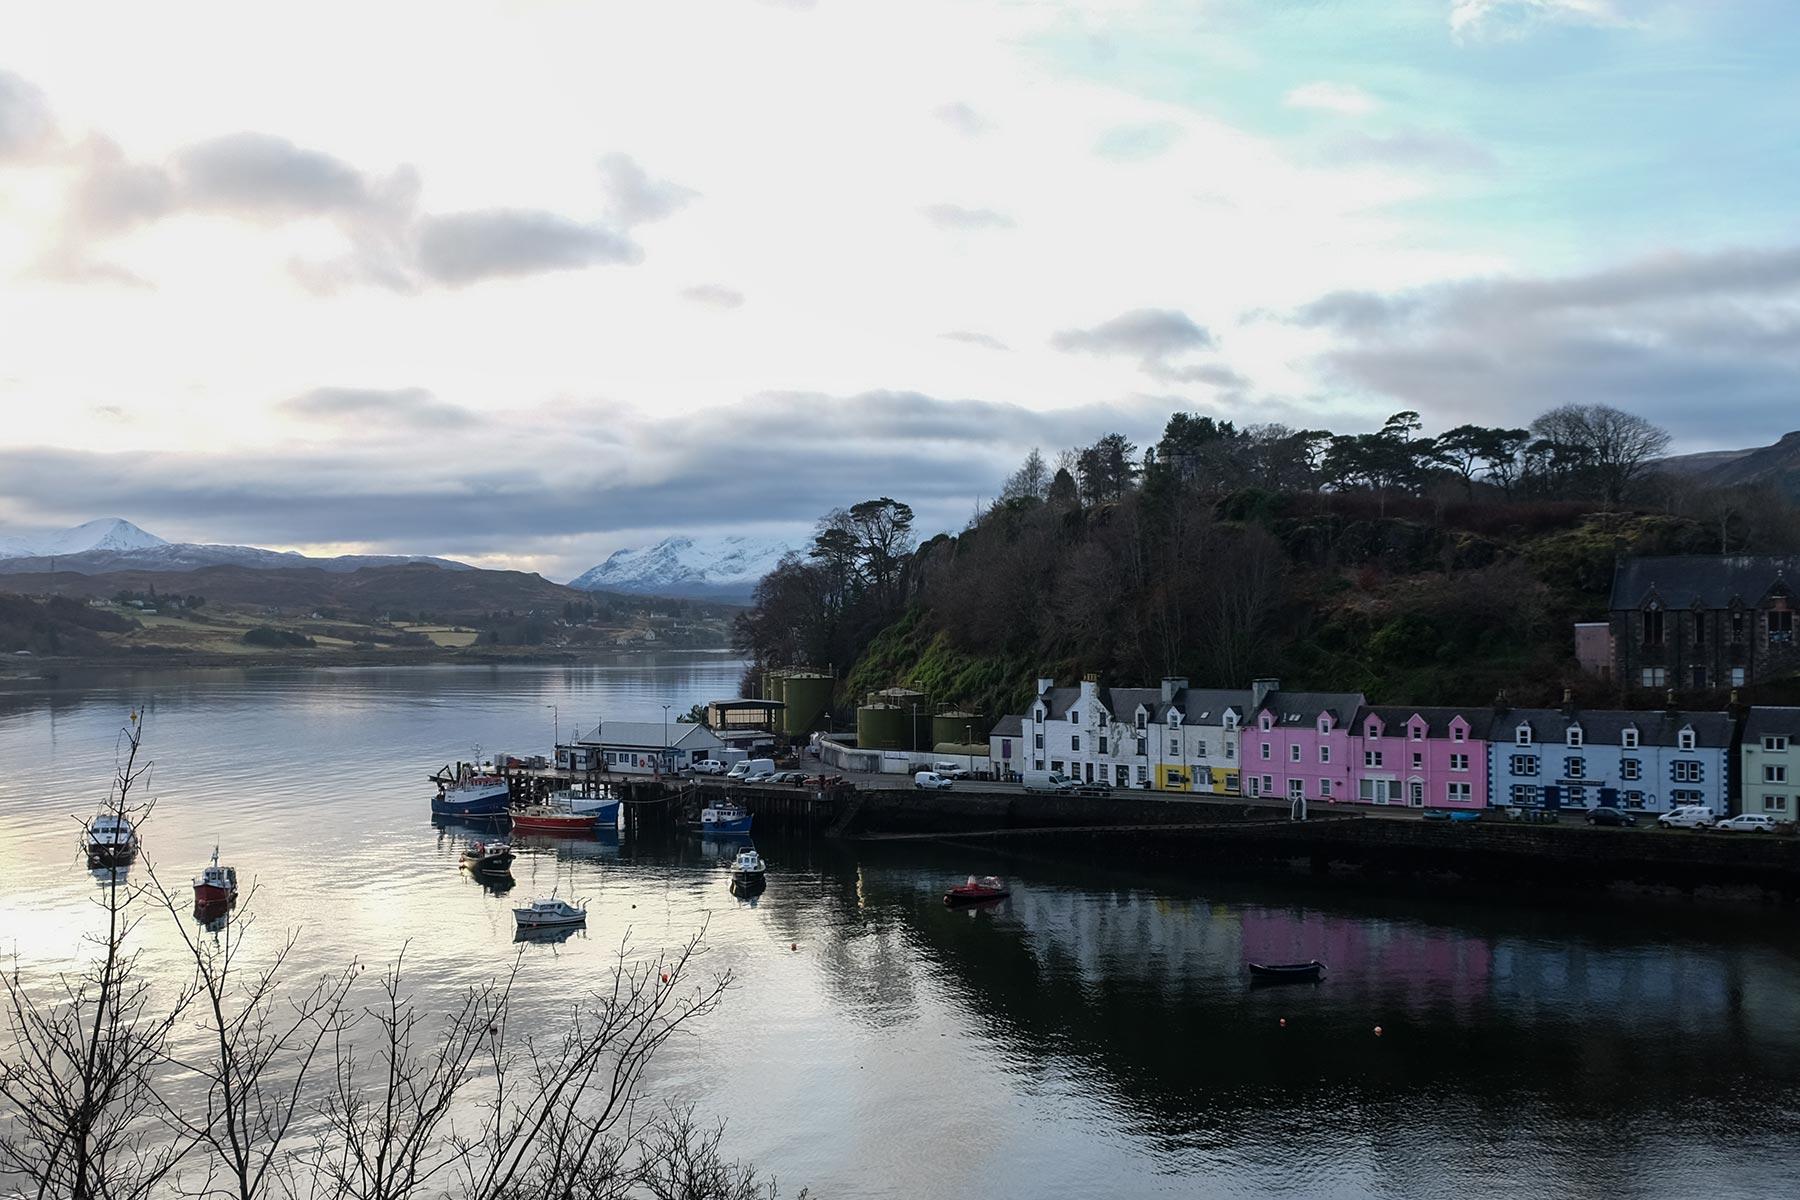 Hafen von Portree auf der Isle of Skye, Schottland